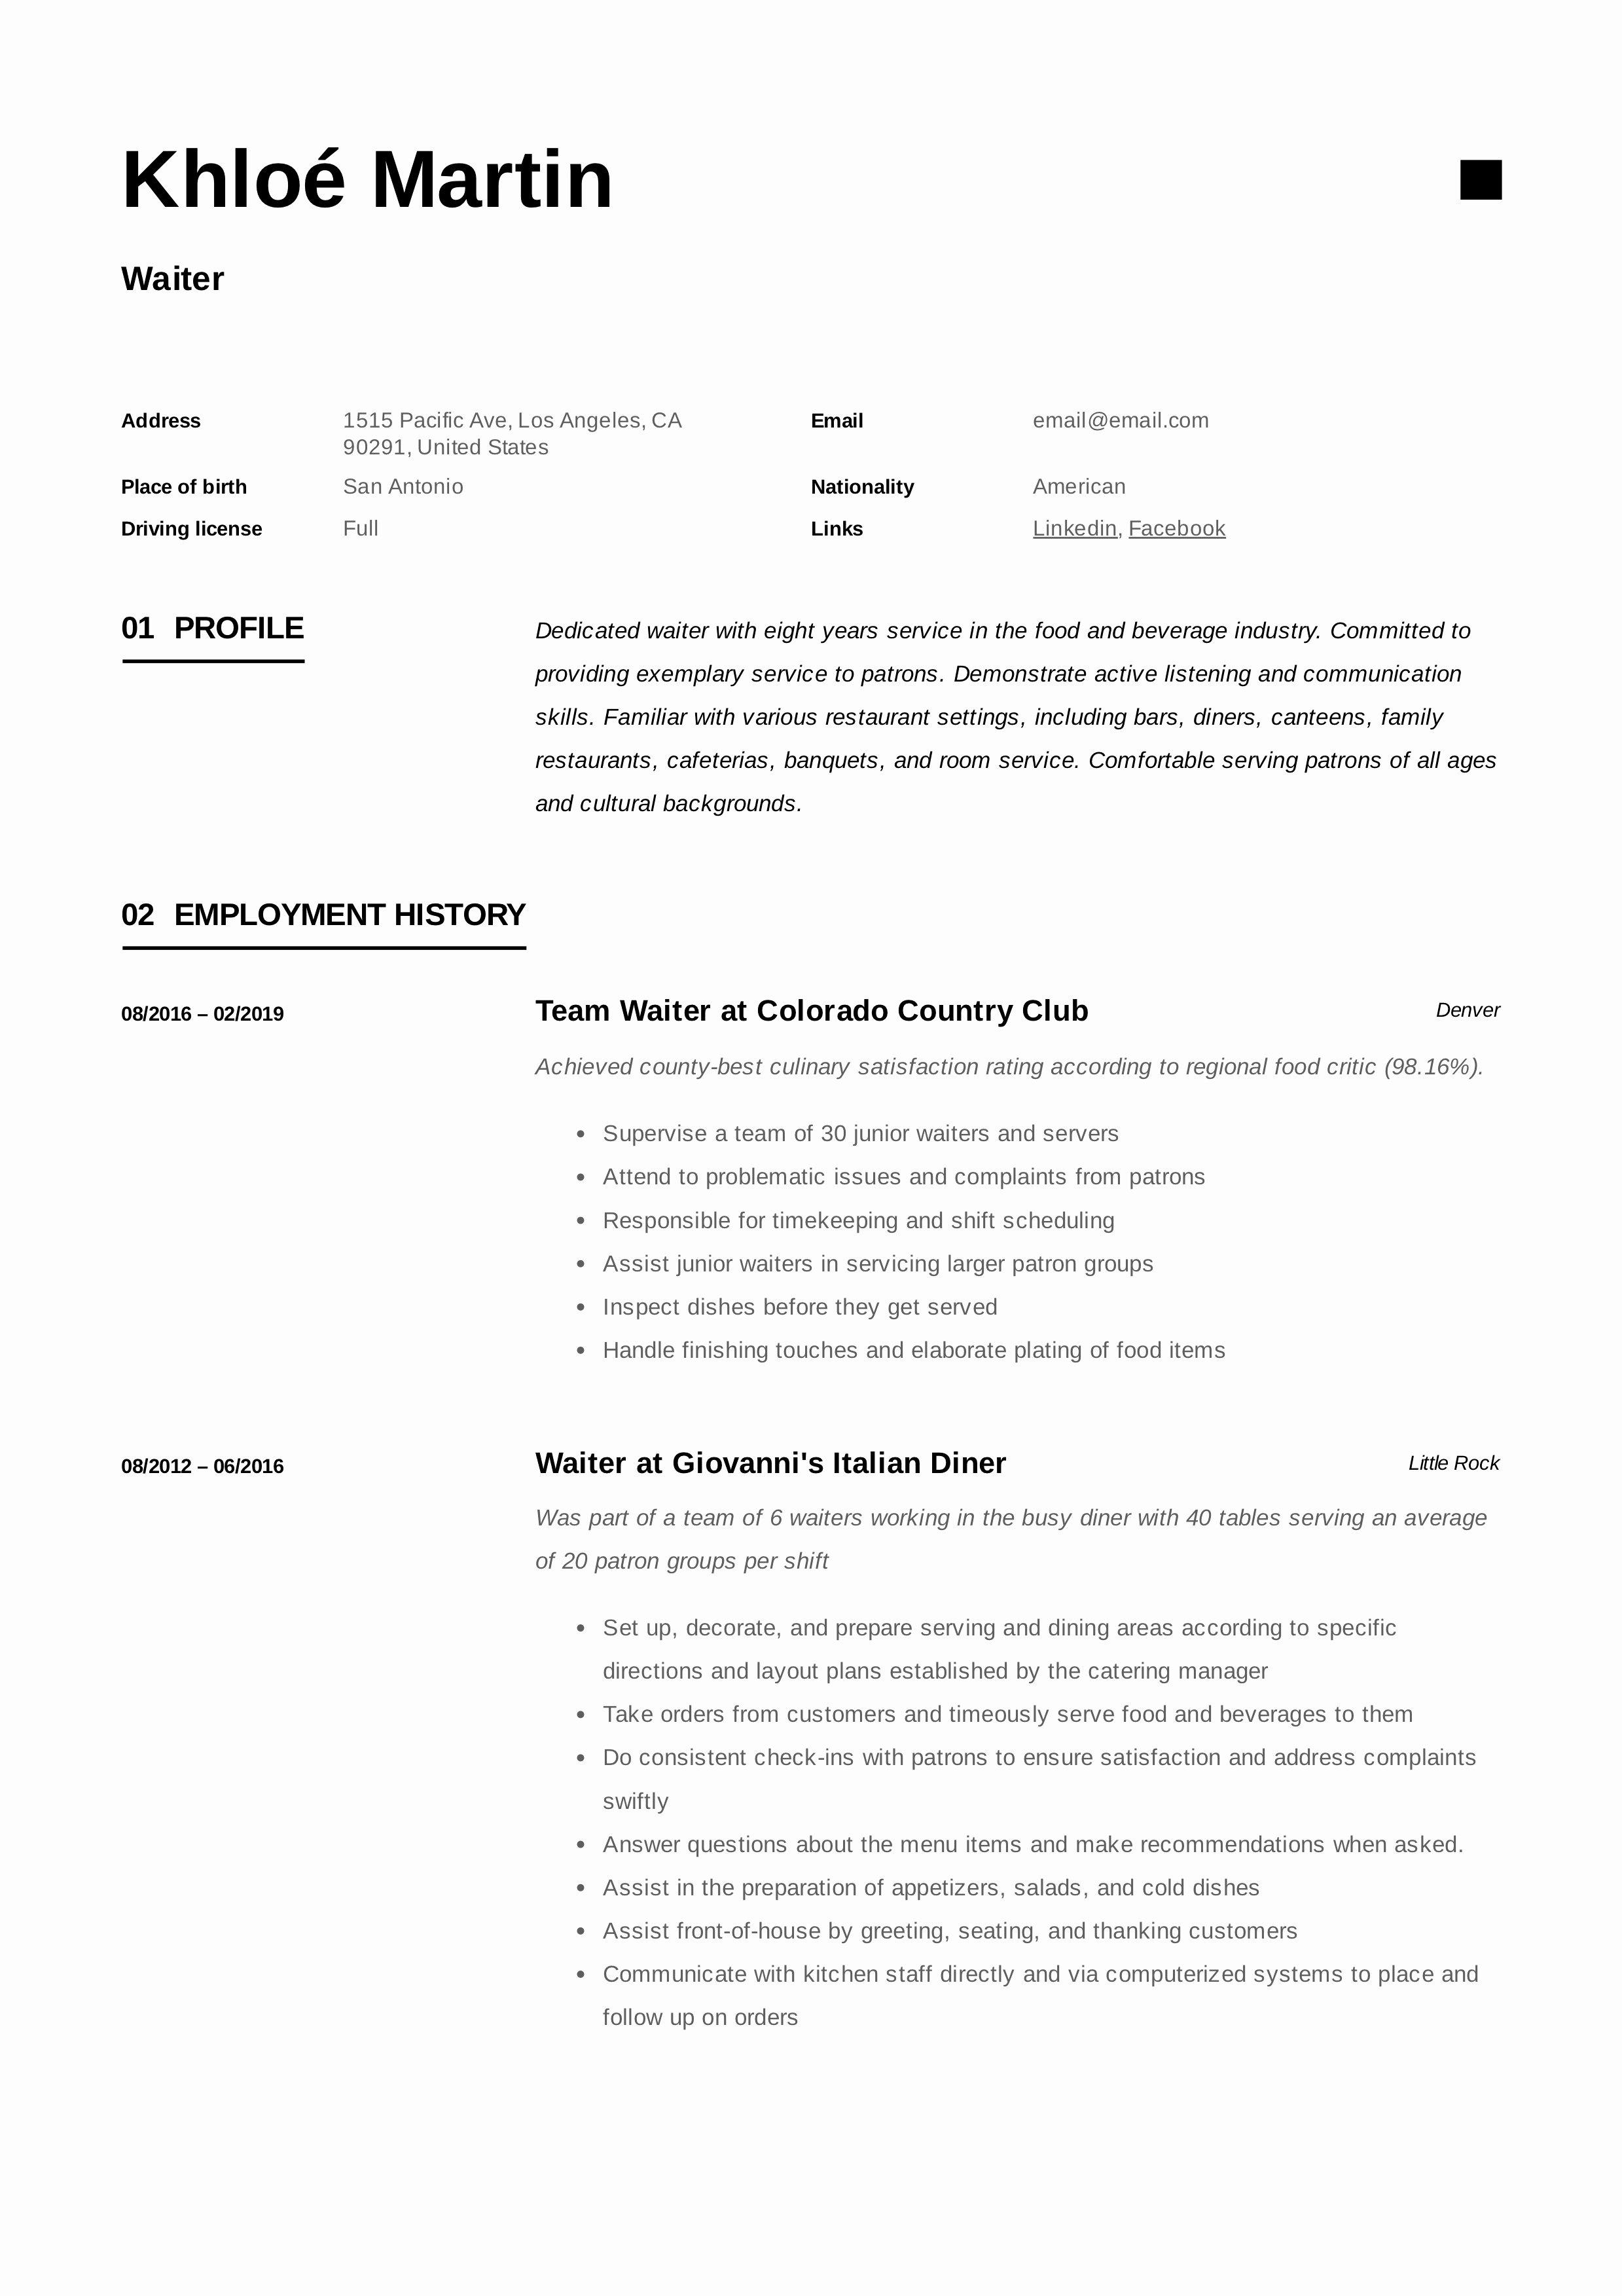 Sample Resume for Waitress New Waiter Resume & Writing Guide 12 Samples Pdf